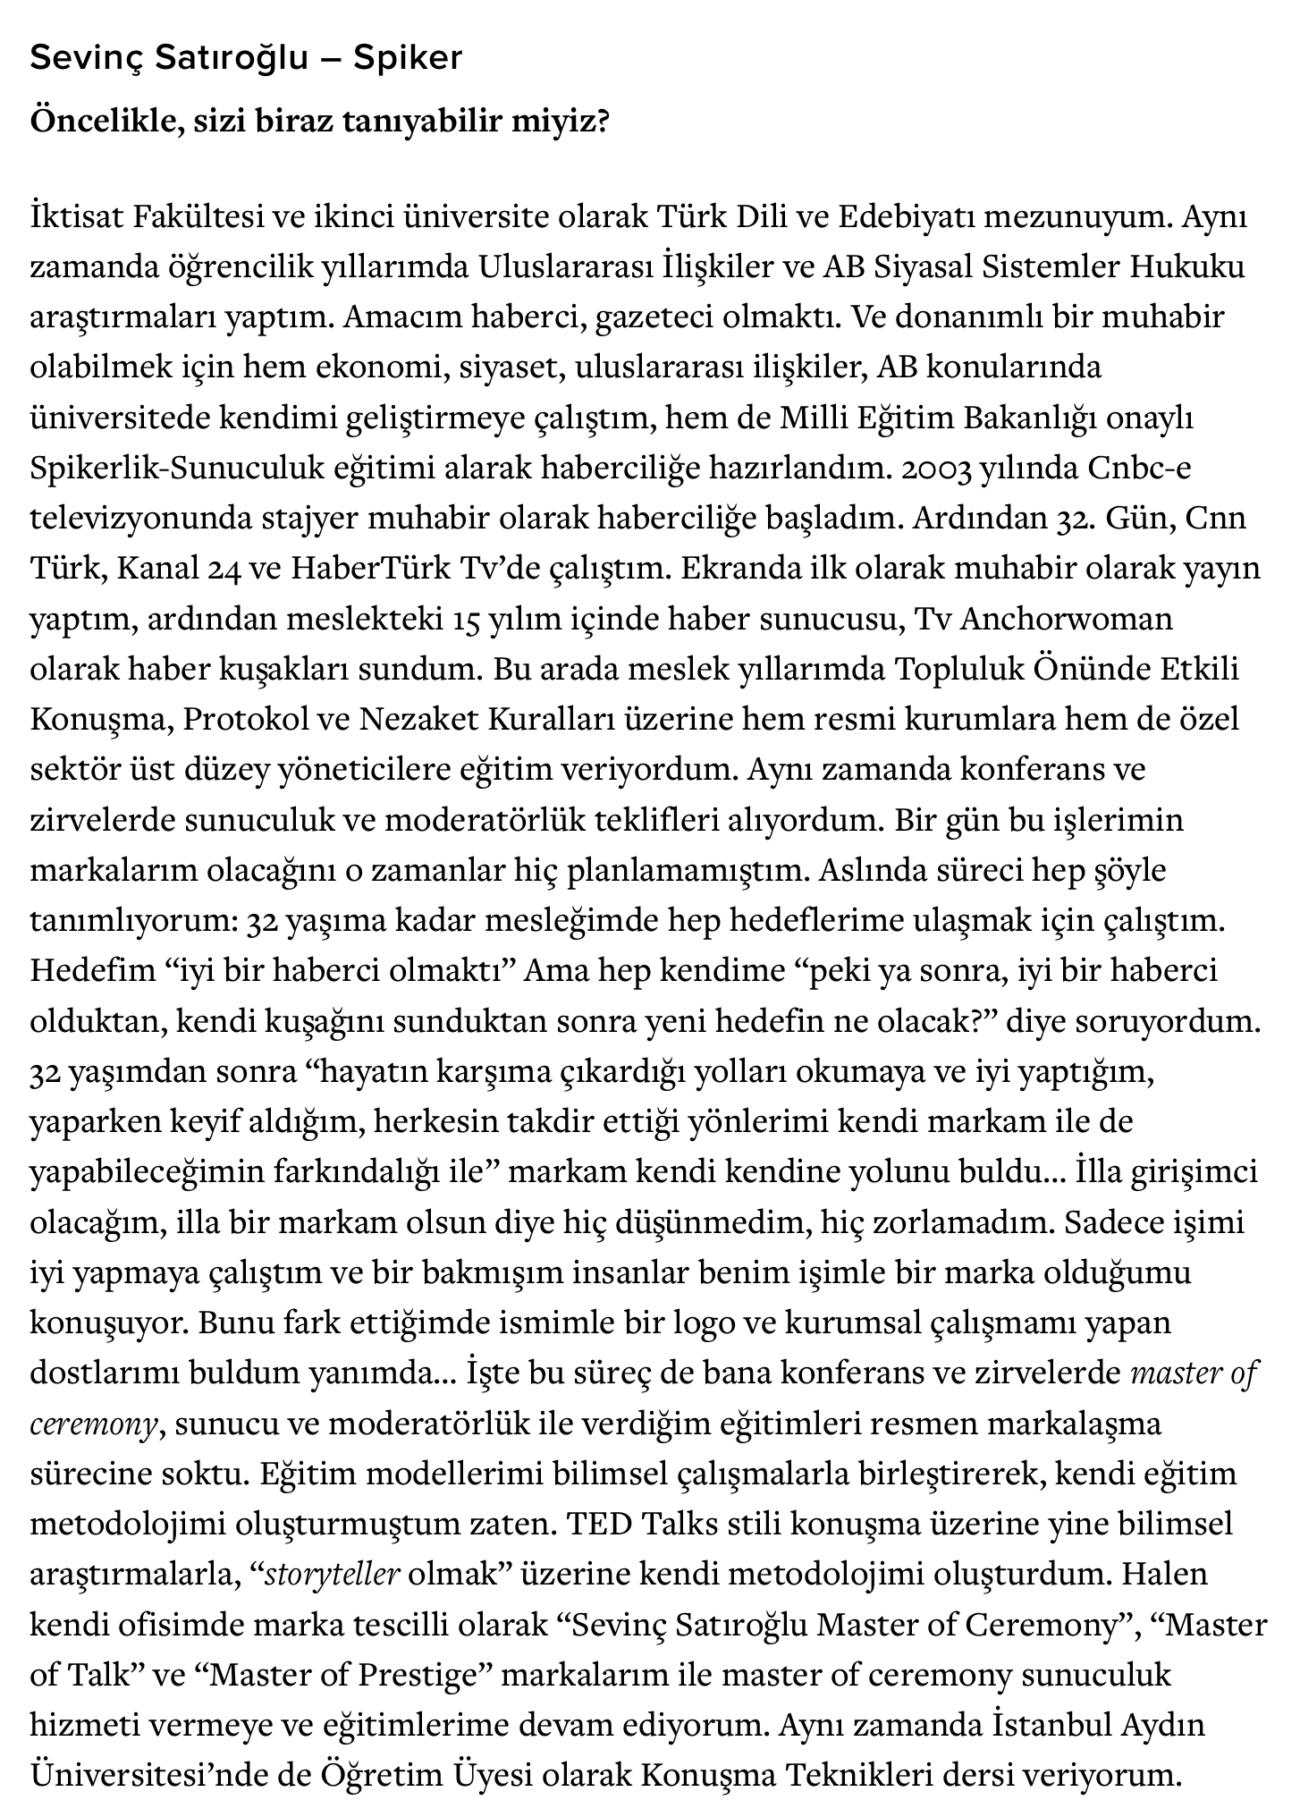 Sevinç Satıroğlu Sunucu Master of Ceremony Konuşma Hitabet Koçluk Danışman Eğitmen Uplifers 2